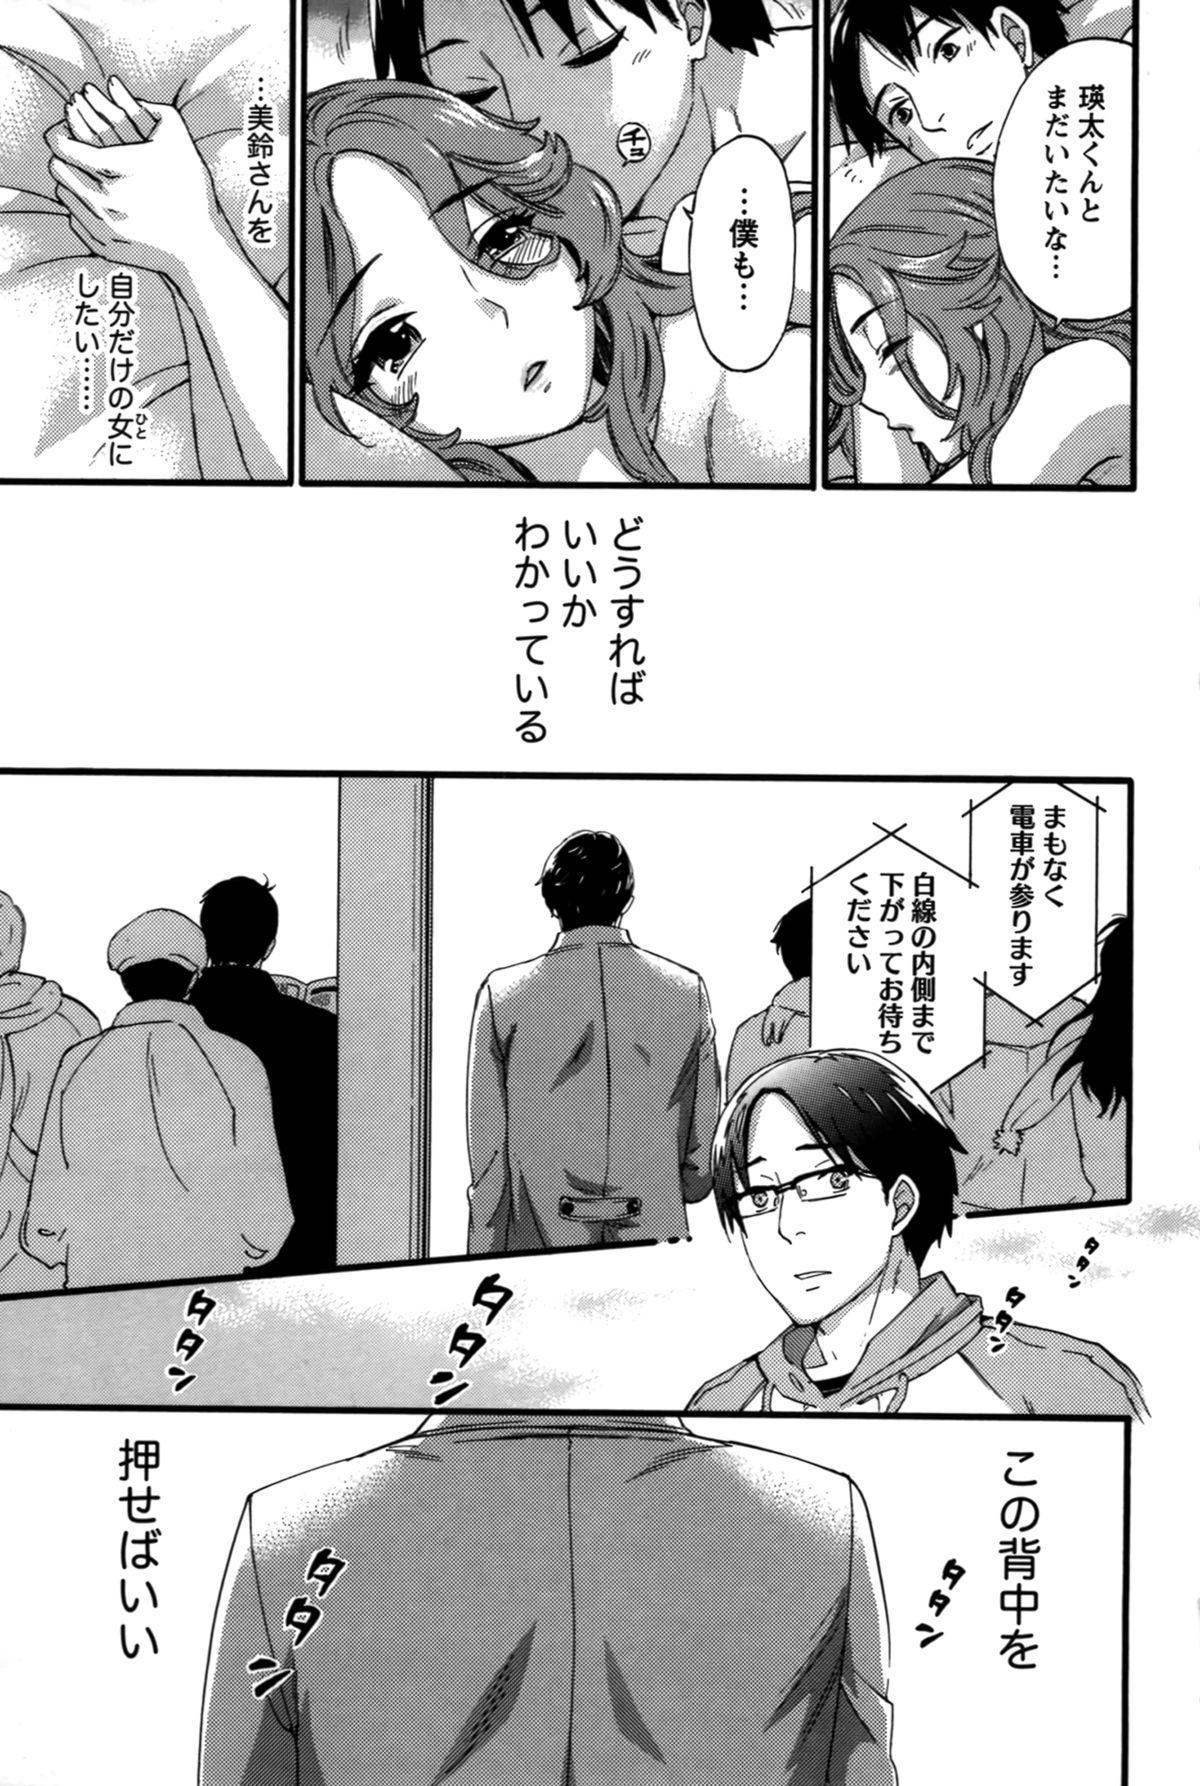 Anata to Watashi wa Warukunai 101